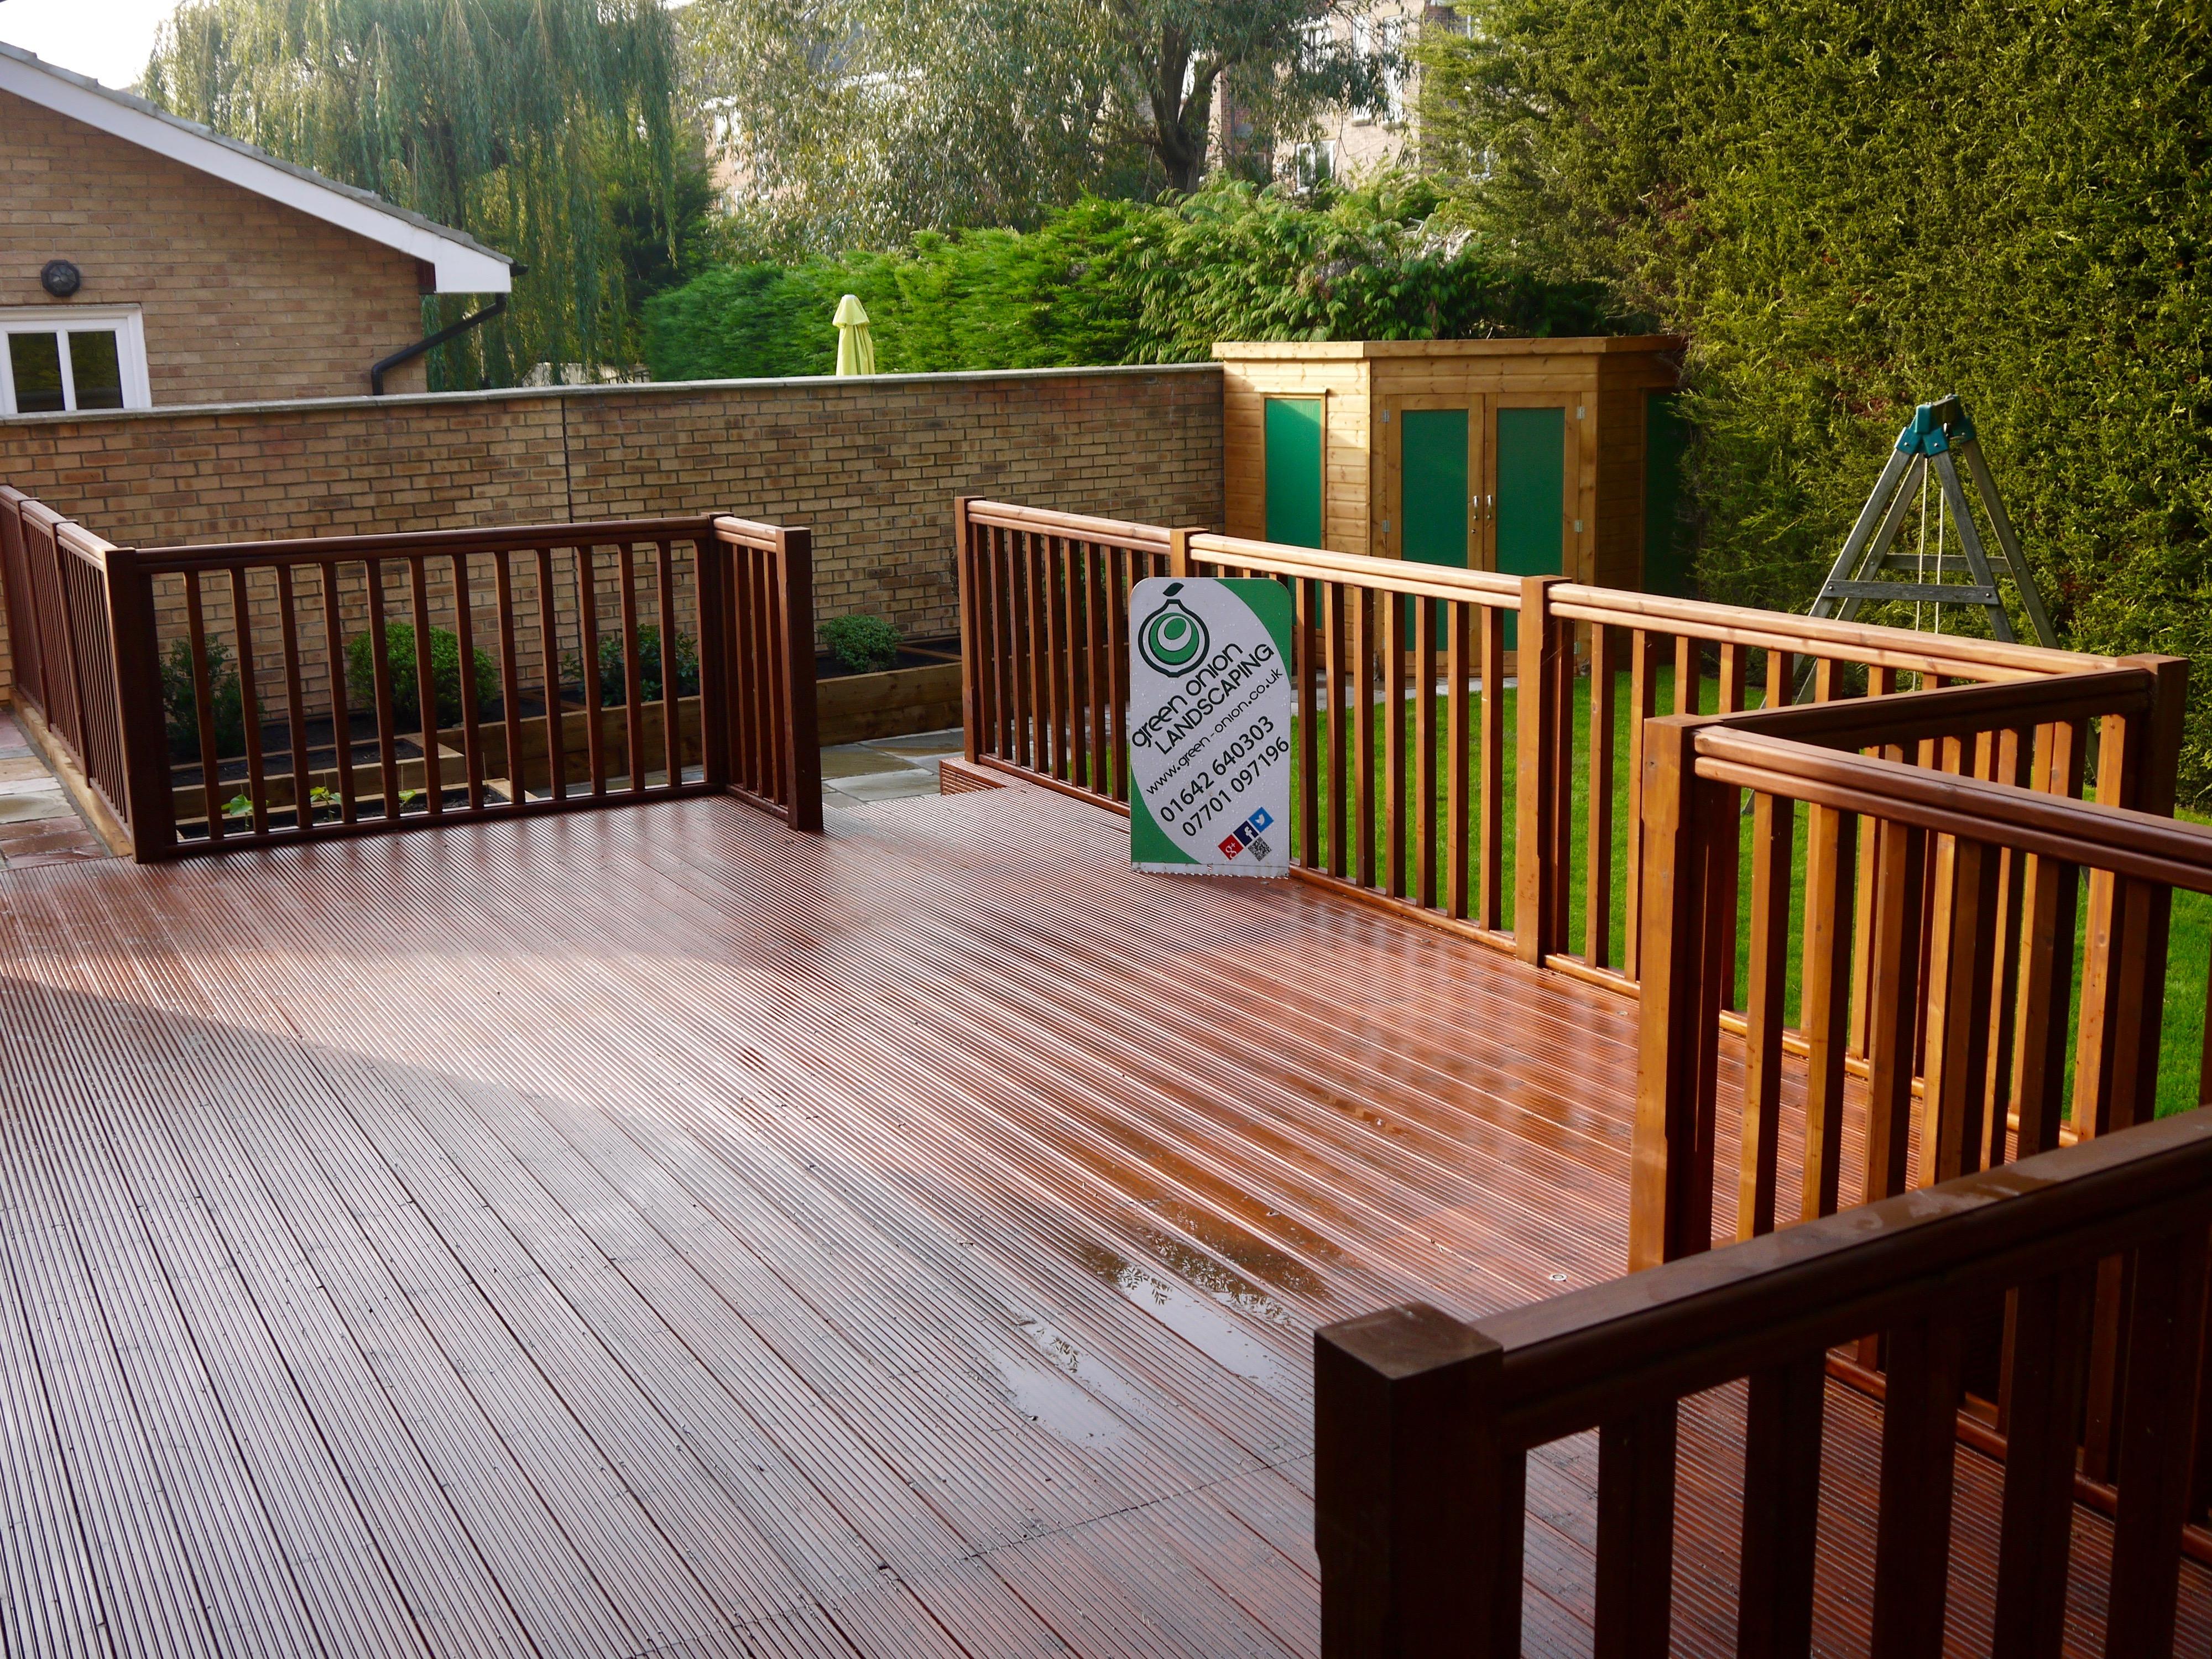 Raised decking storage garden landscaping green onion for Garden decking middlesbrough